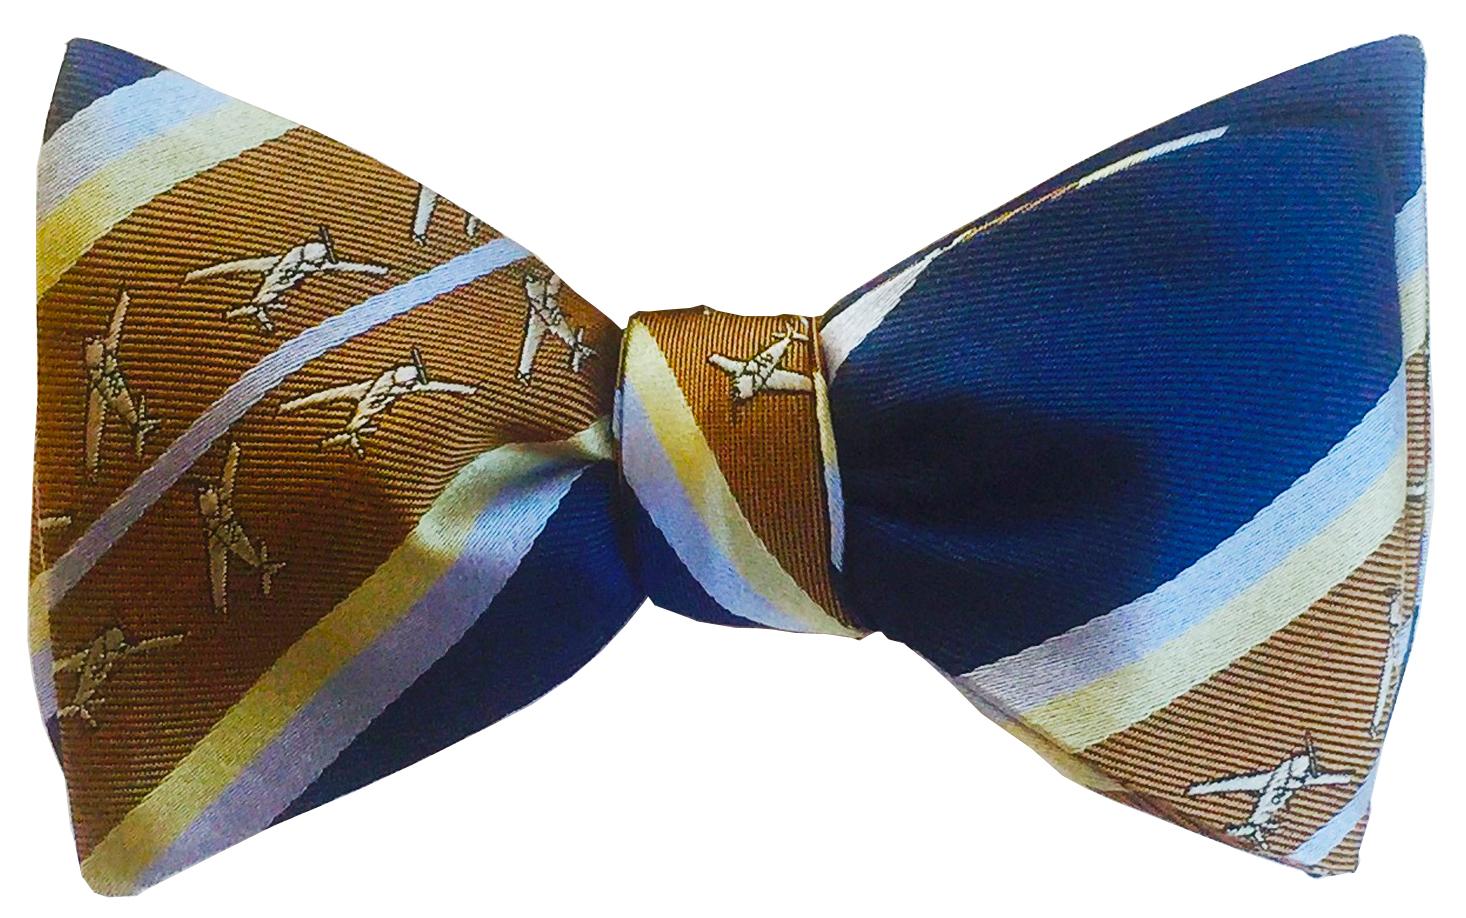 doppeldecker design designer aviation airplane aircraft silk bow tie bowtie mooney